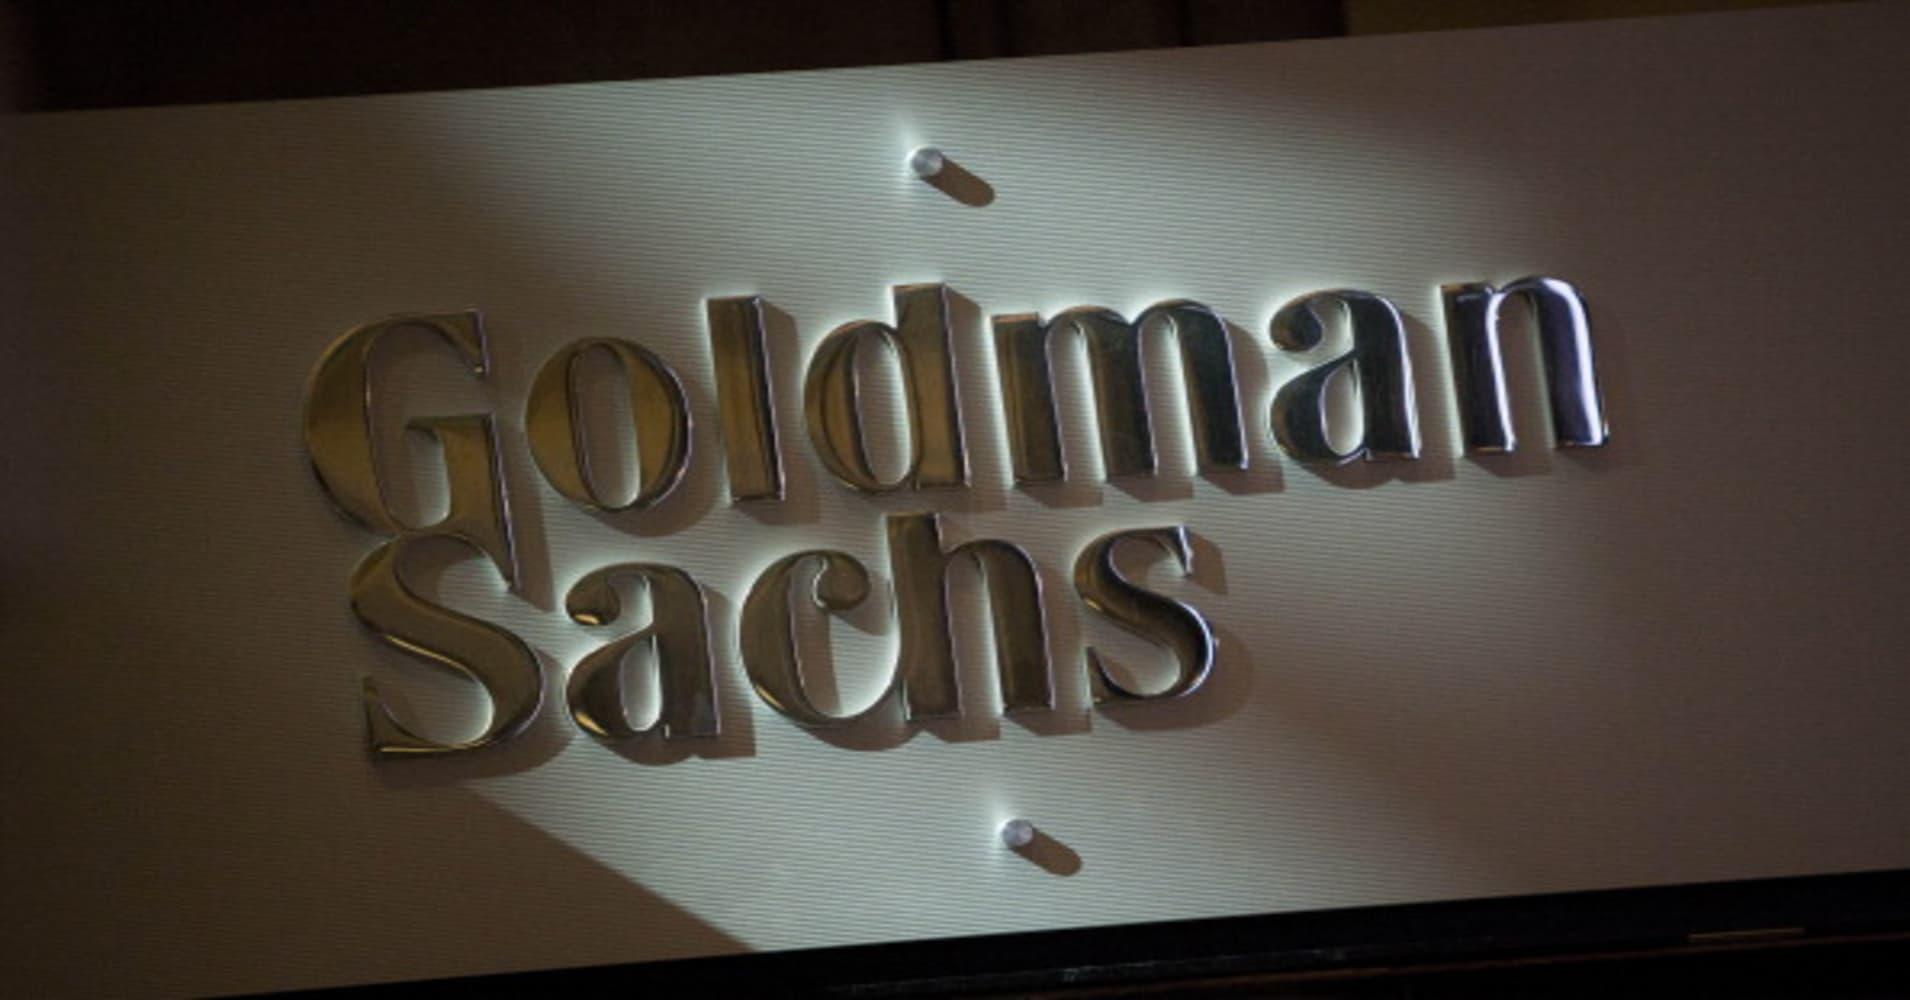 Goldman's Eisman reveals firm's new dealmaking approach